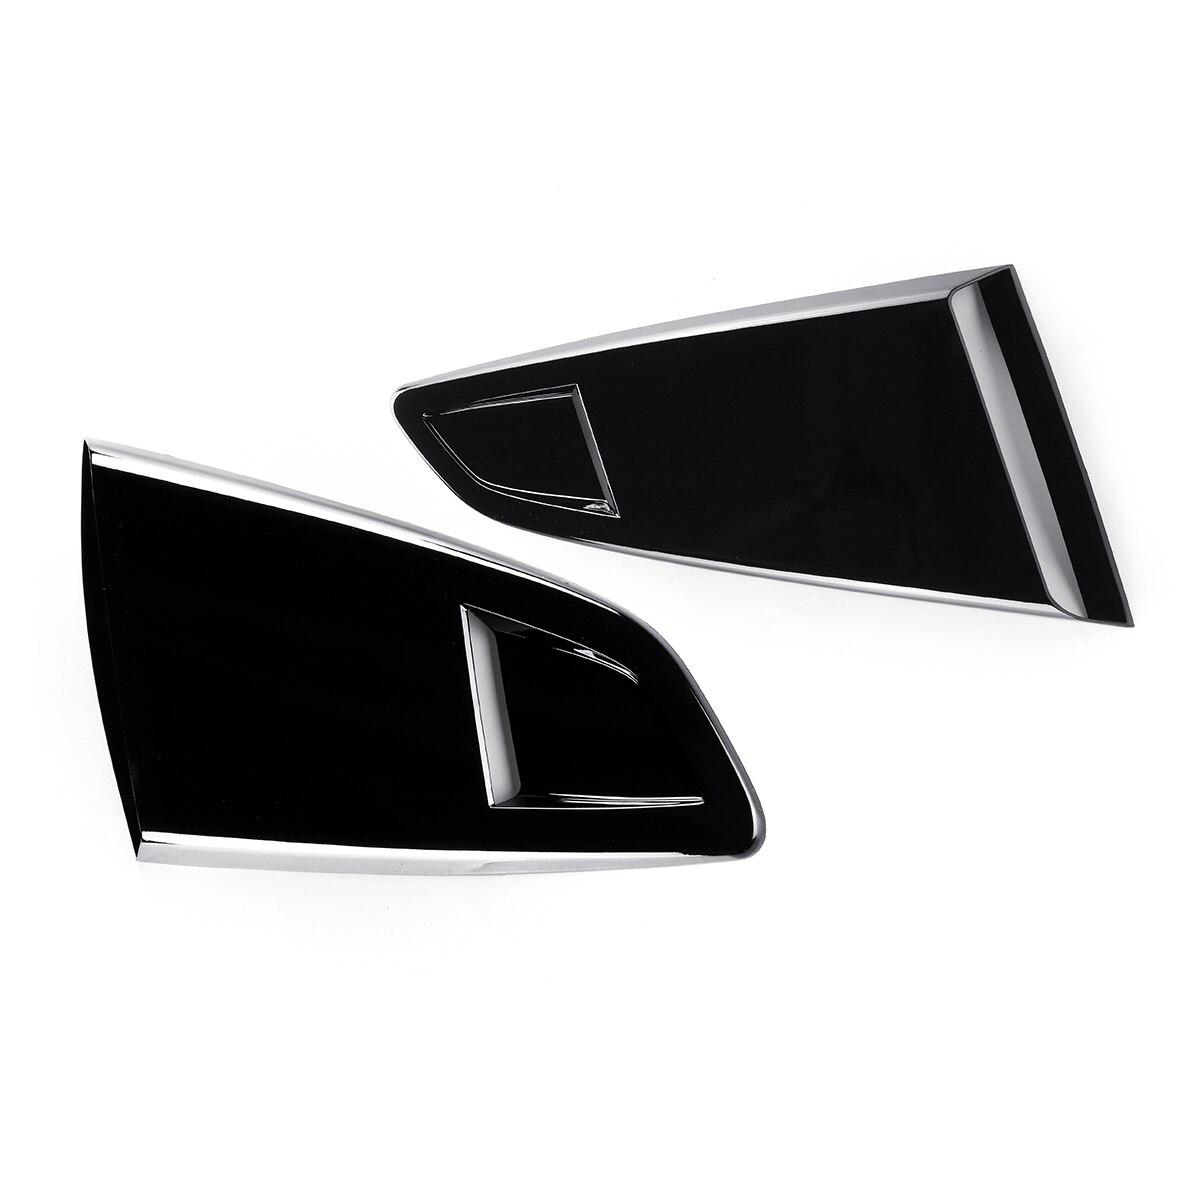 Nouveau 2x voiture côté fenêtre quart arrière persienne côté évent Scoop couverture garniture pour 2015-2017 pour Ford pour Mustang 2 porte pour coupé modèle